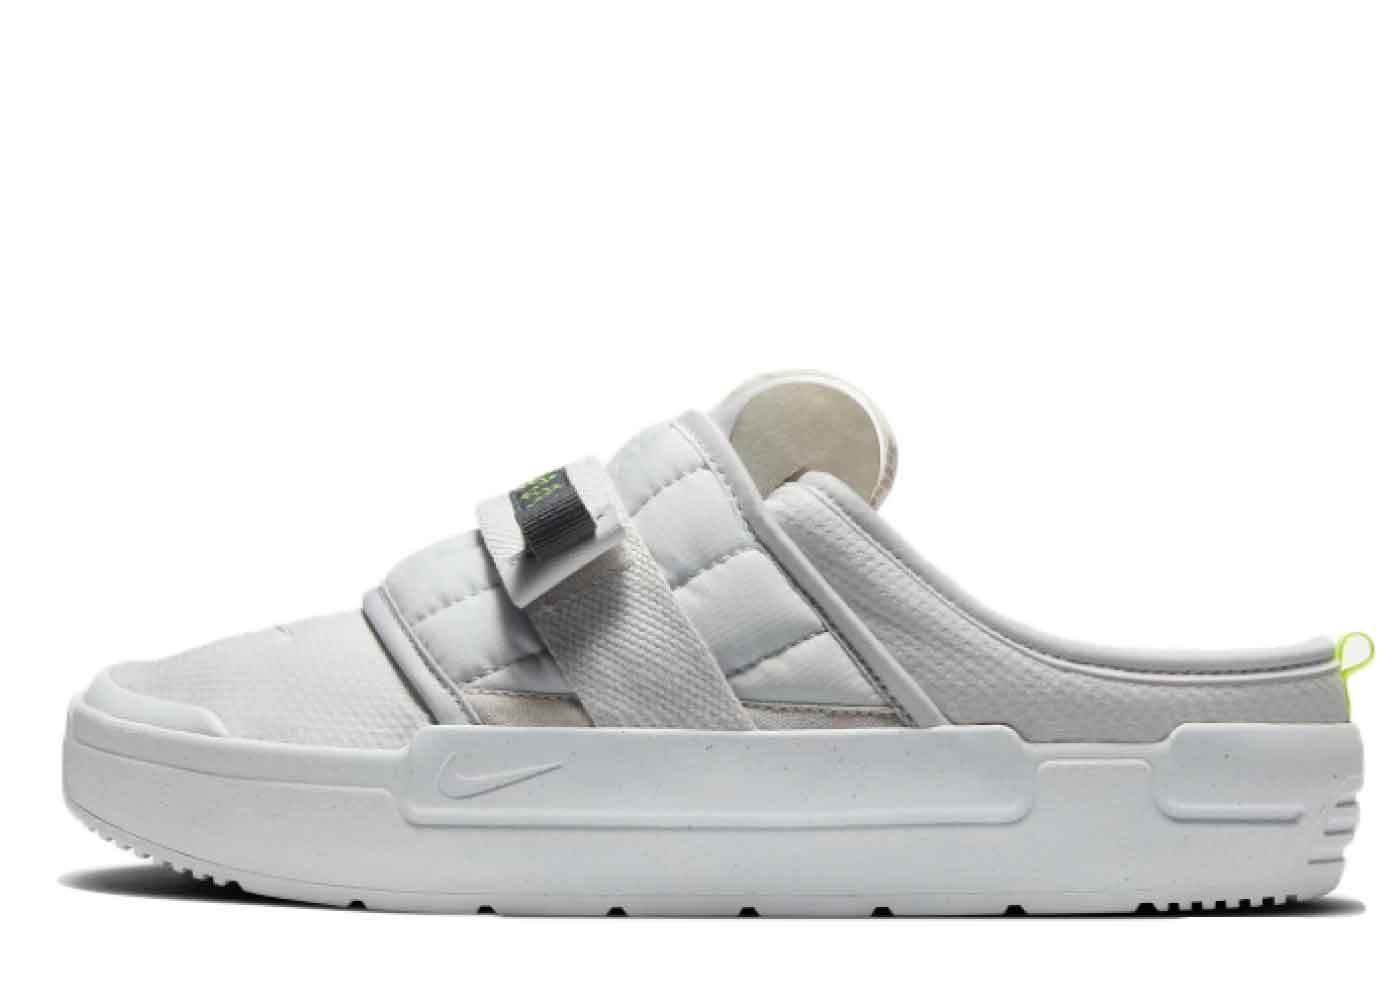 Nike Offlene Vast Greyの写真